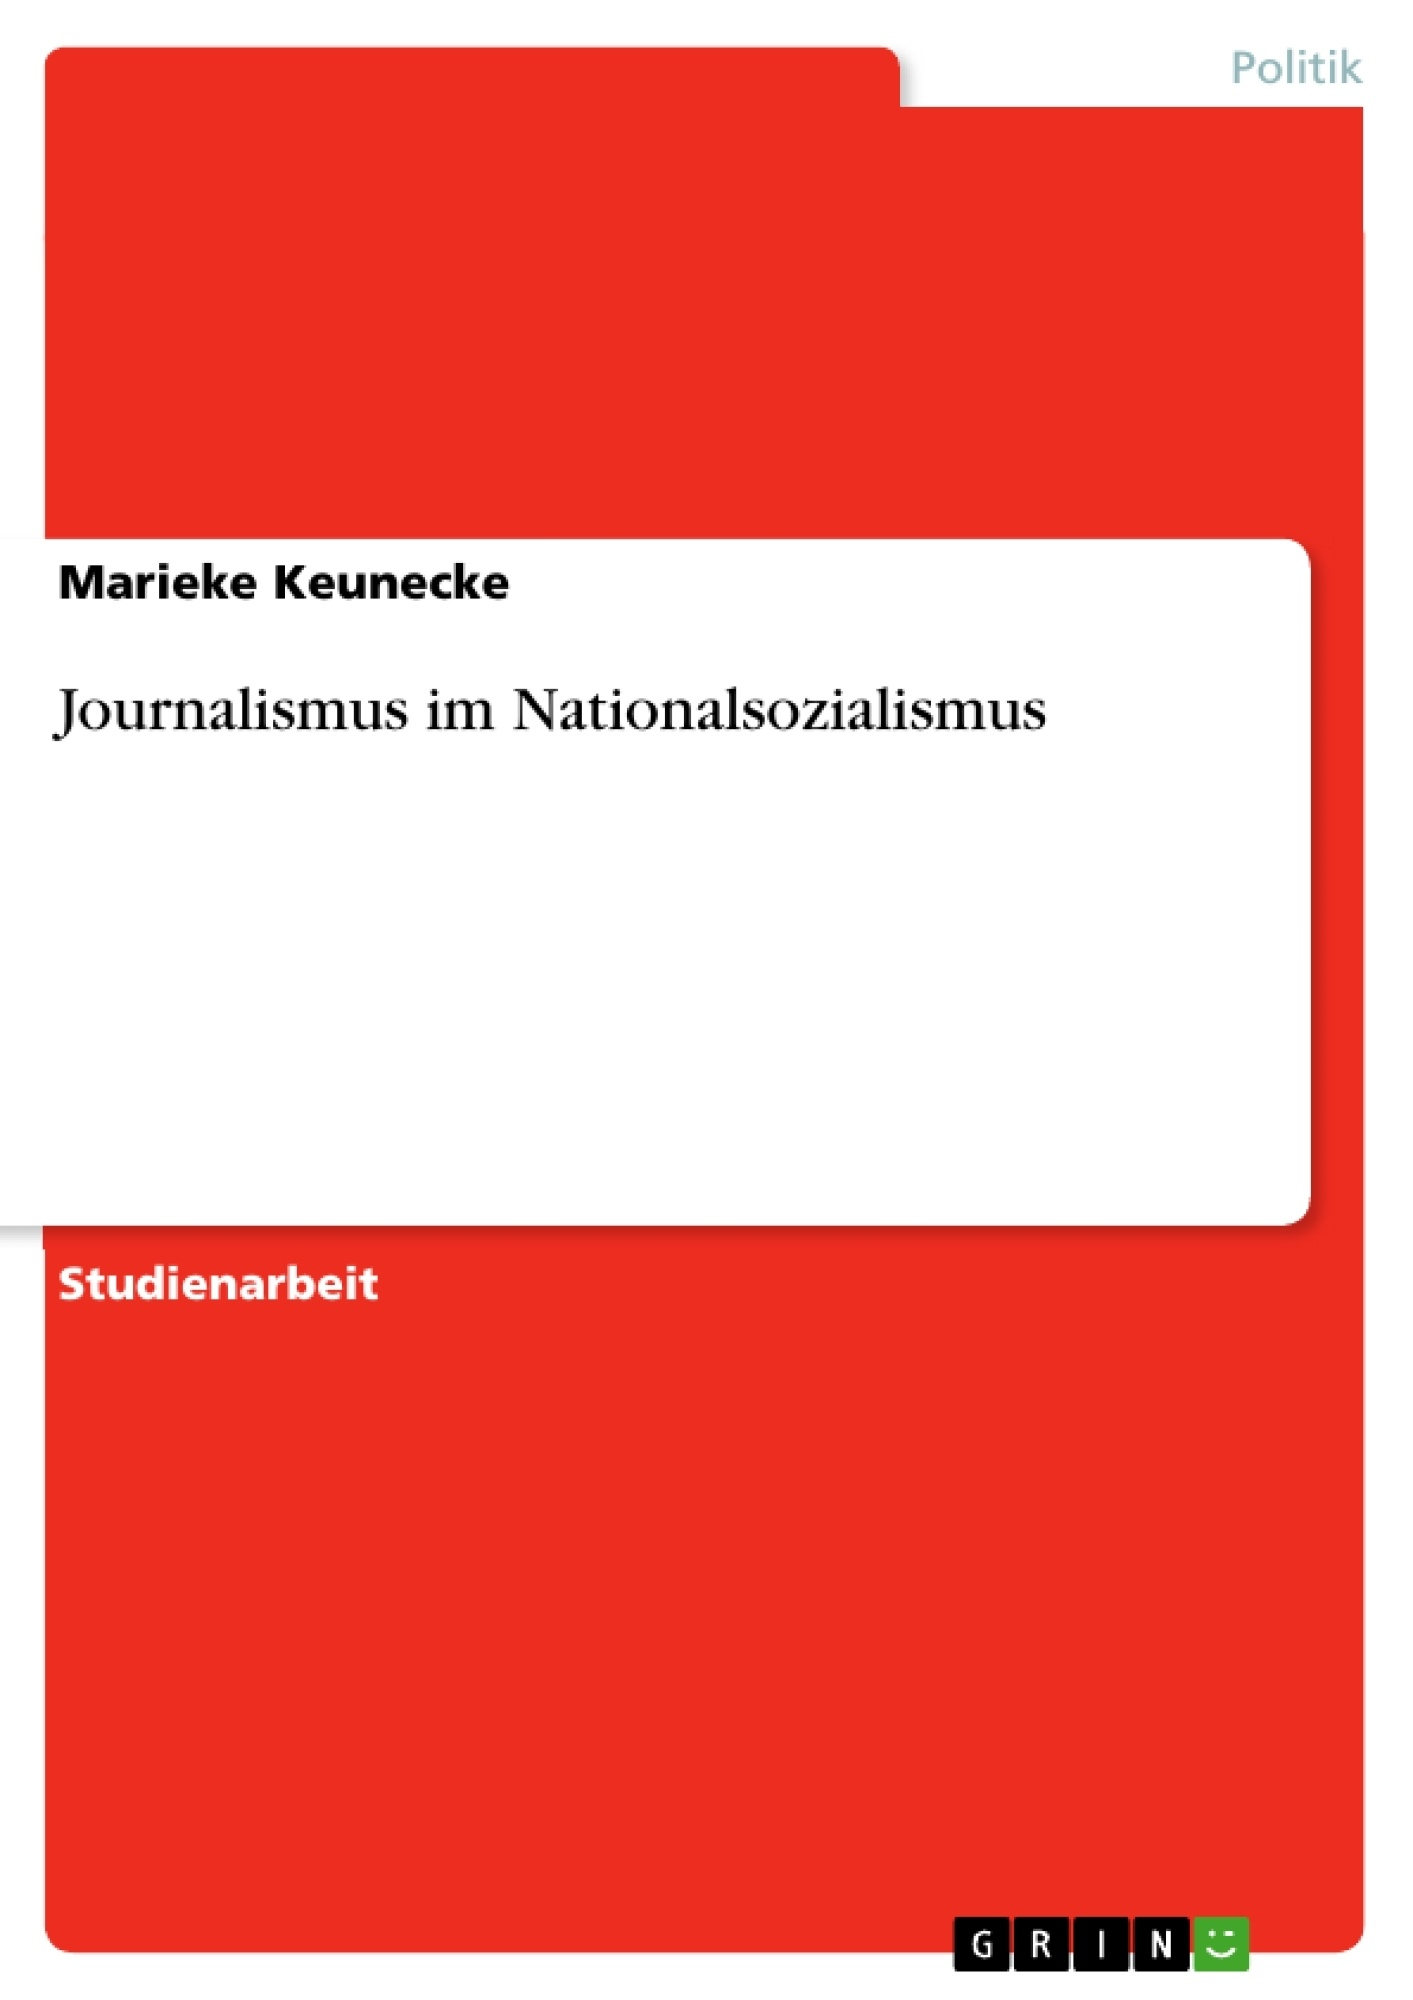 Titel: Journalismus im Nationalsozialismus